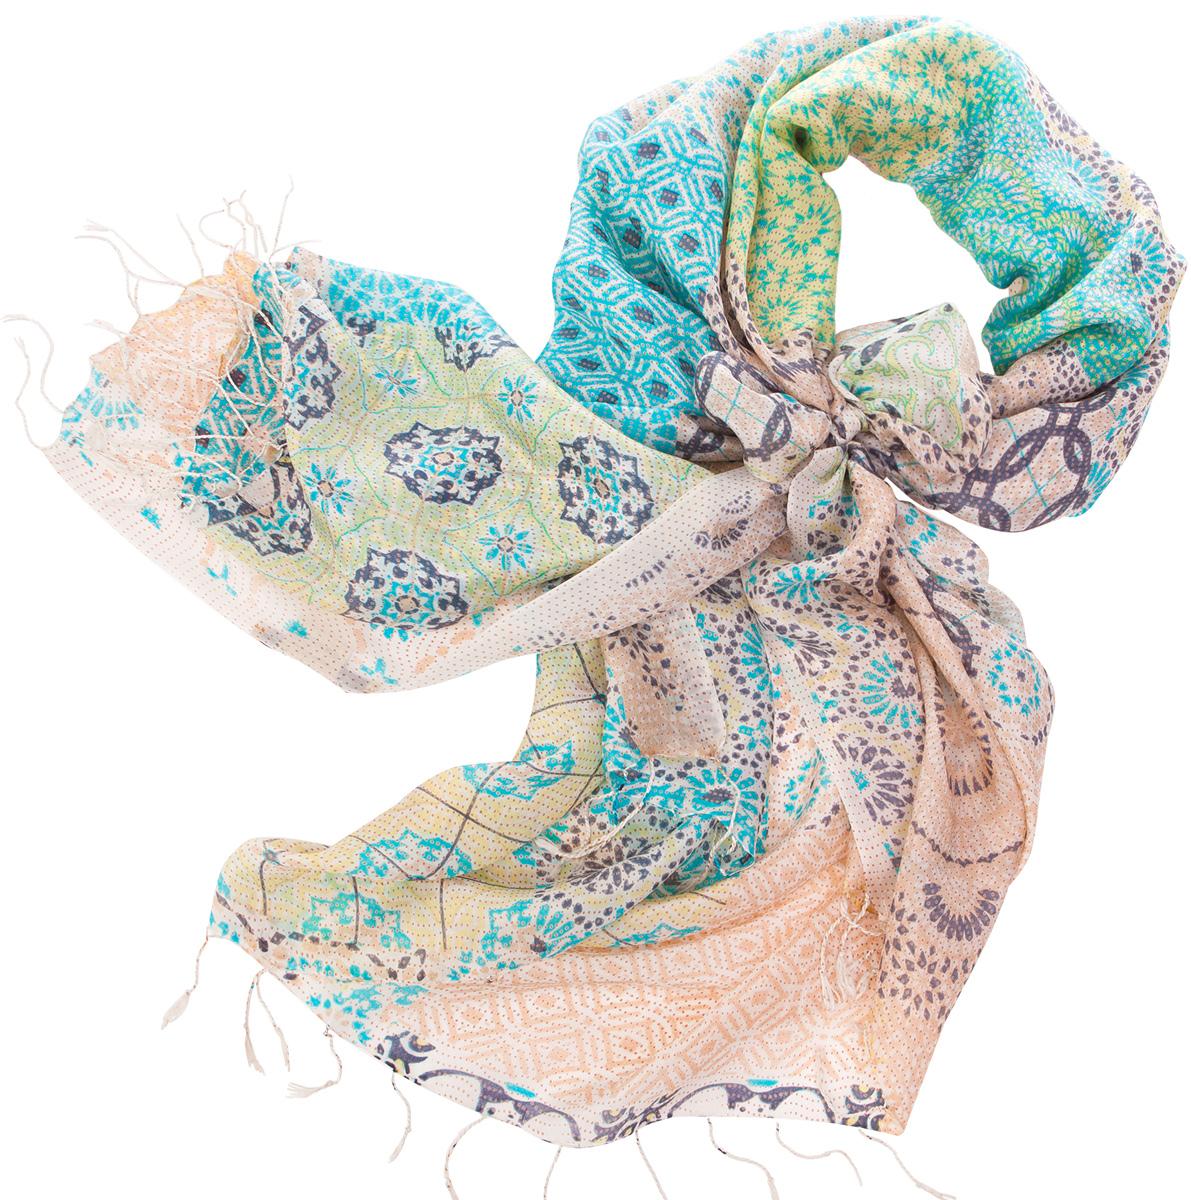 ПалантинS30-EURO.TILE/WHITEНарочито рыхлое плетение Plain тончайшей шелковой нитью Mulberry, нежная полупрозрачная ткань Chiffon. Вес изделия 60г (30 г/м2).